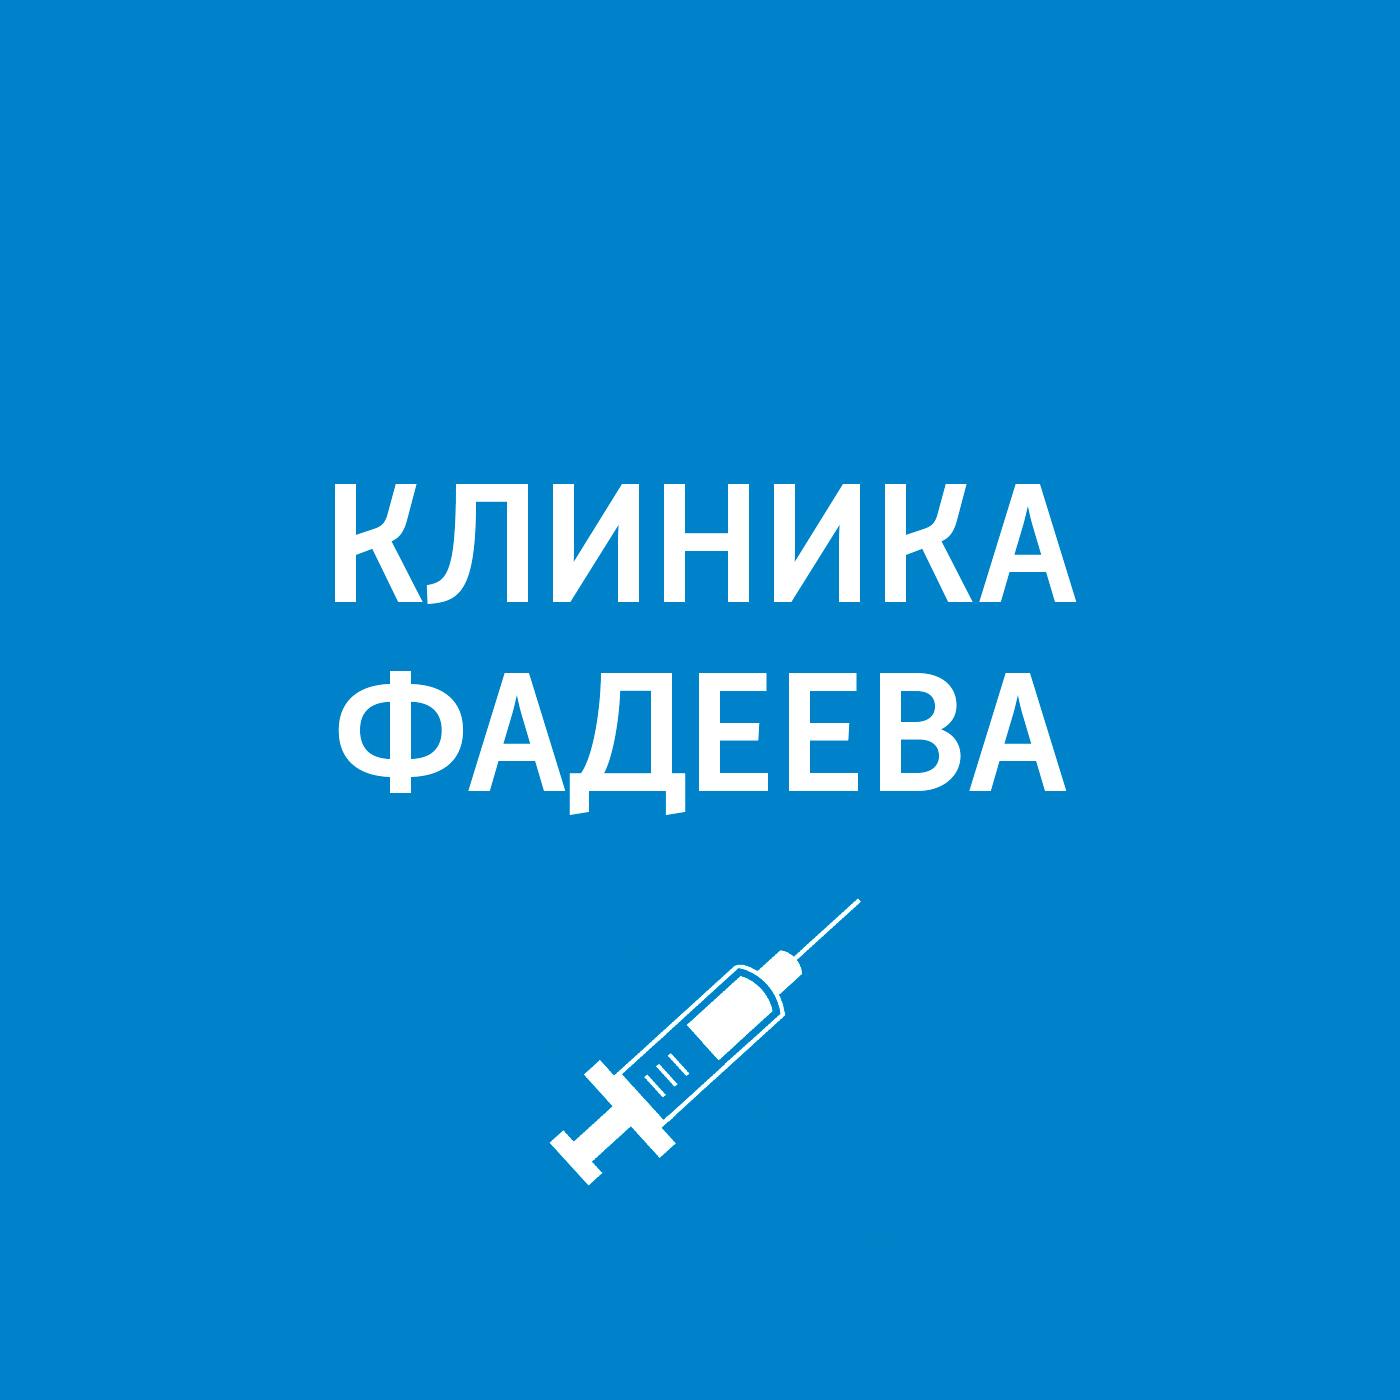 Пётр Фадеев Врач-дерматолог пётр фадеев кинезиолог остеопат